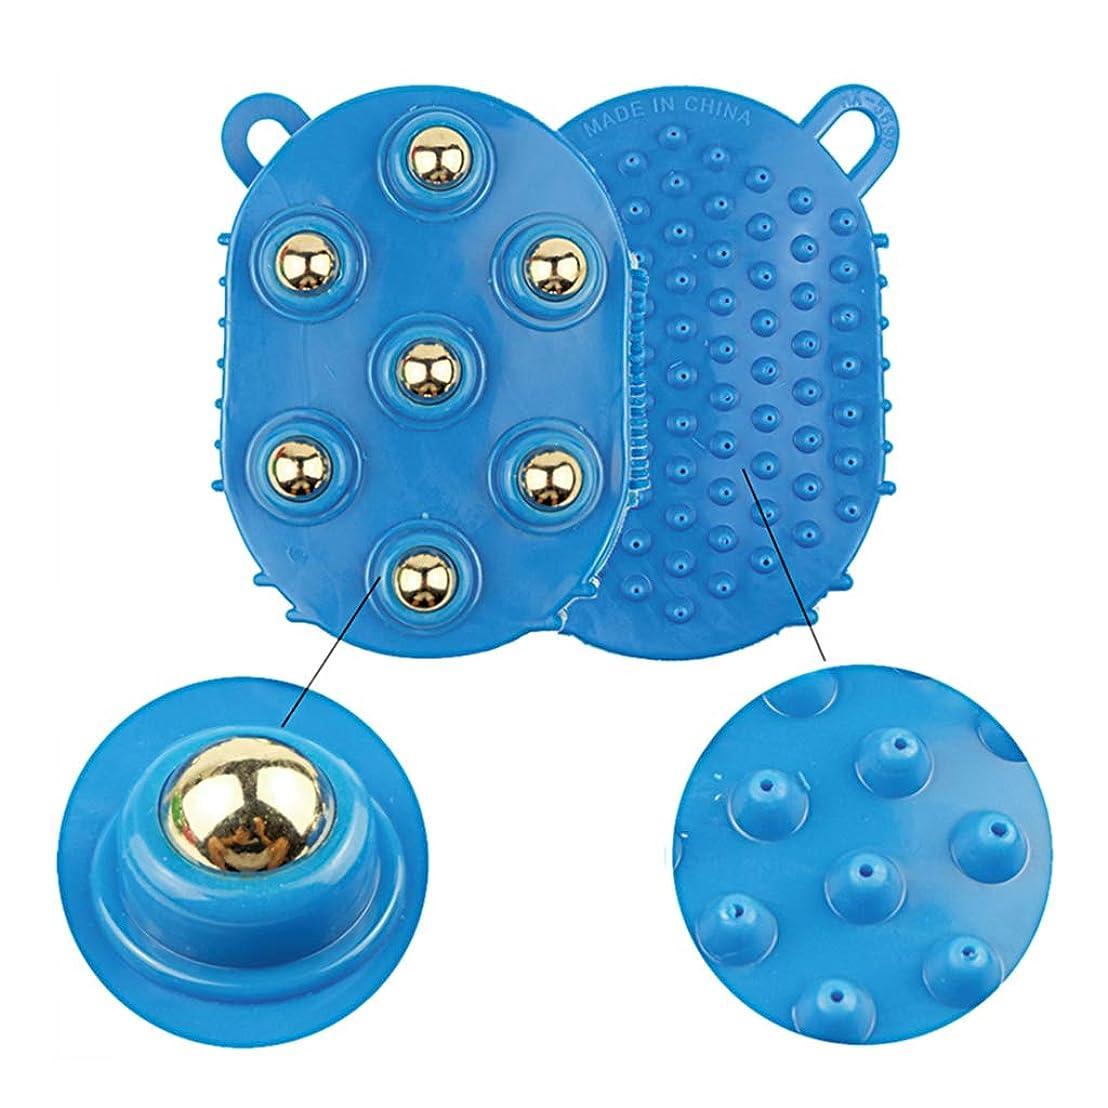 スーダン四分円日常的に360度スピン7ピーススチールボールローラー痩身ボディマッサージブラシバスで洗うディープティッシュマッサージボールスパイク付き(1パック),Blue